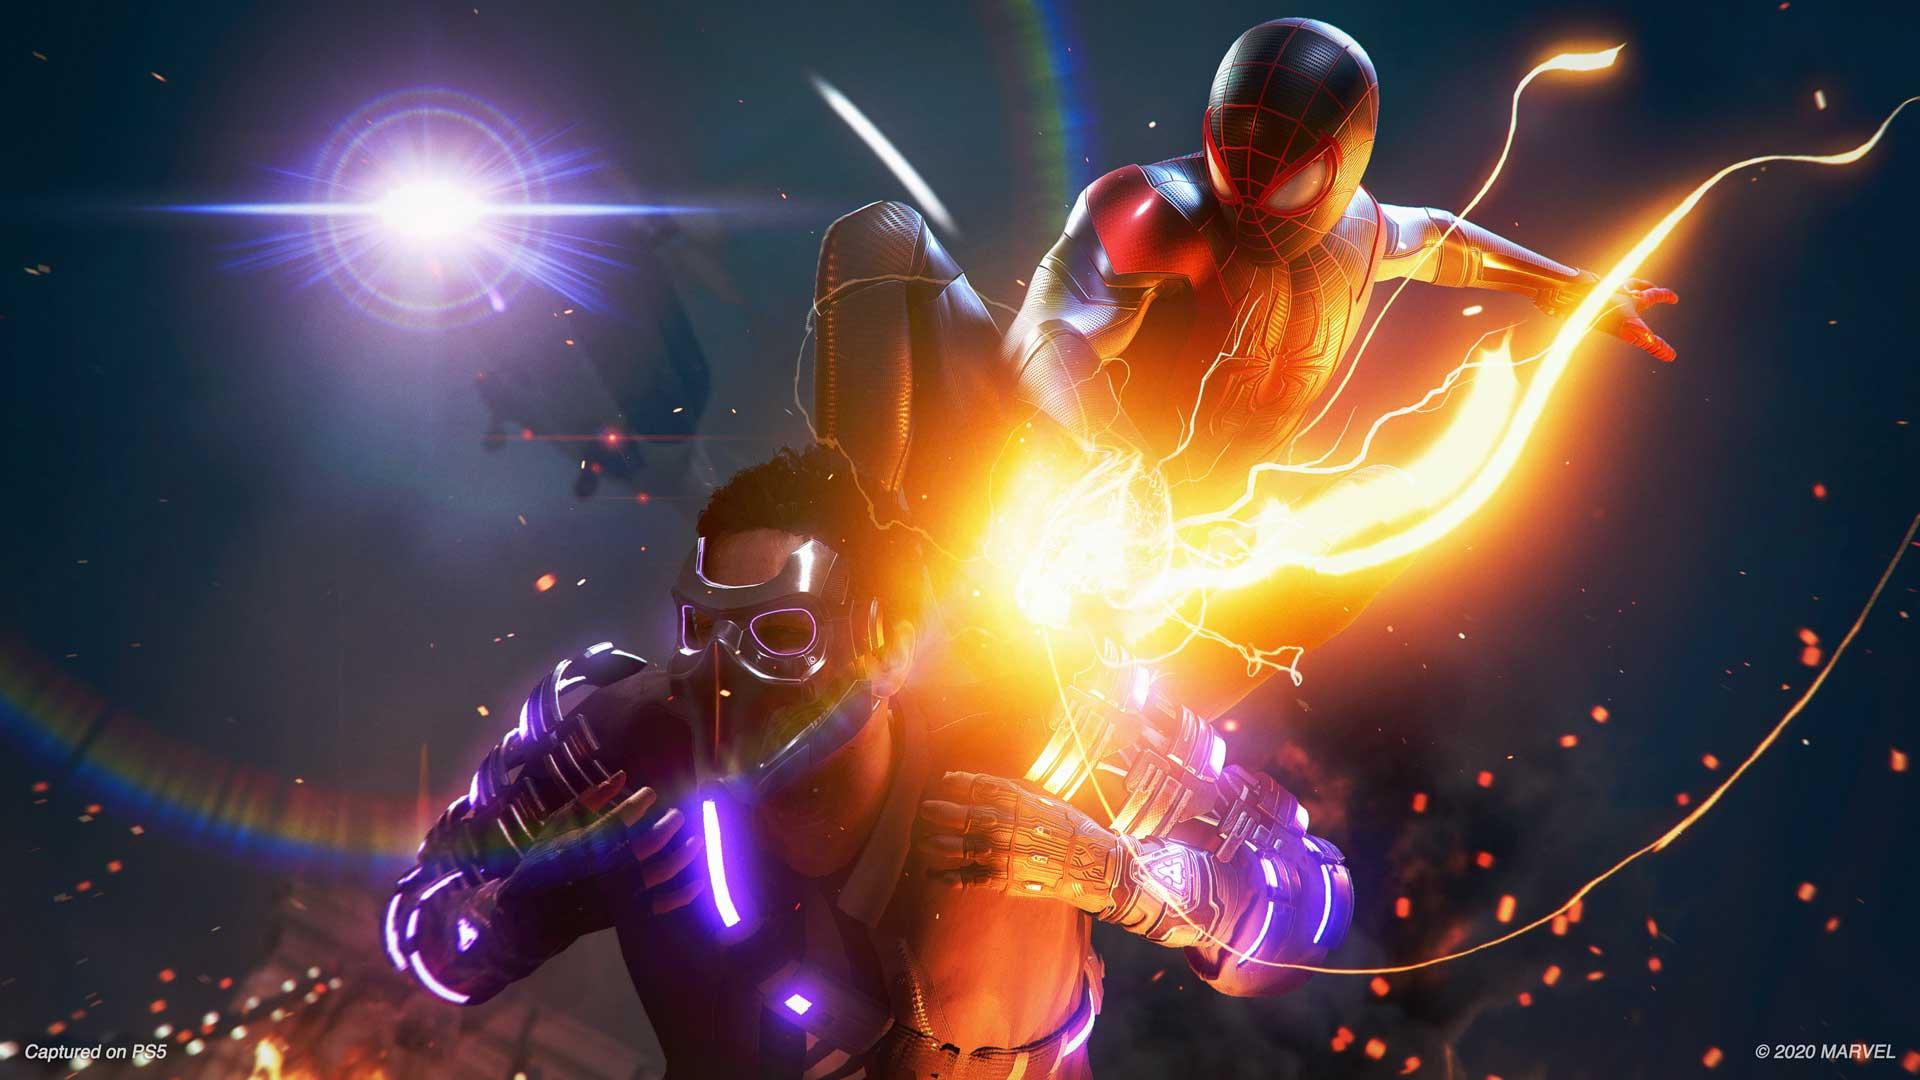 Spider-Man springt auf einen Gegner